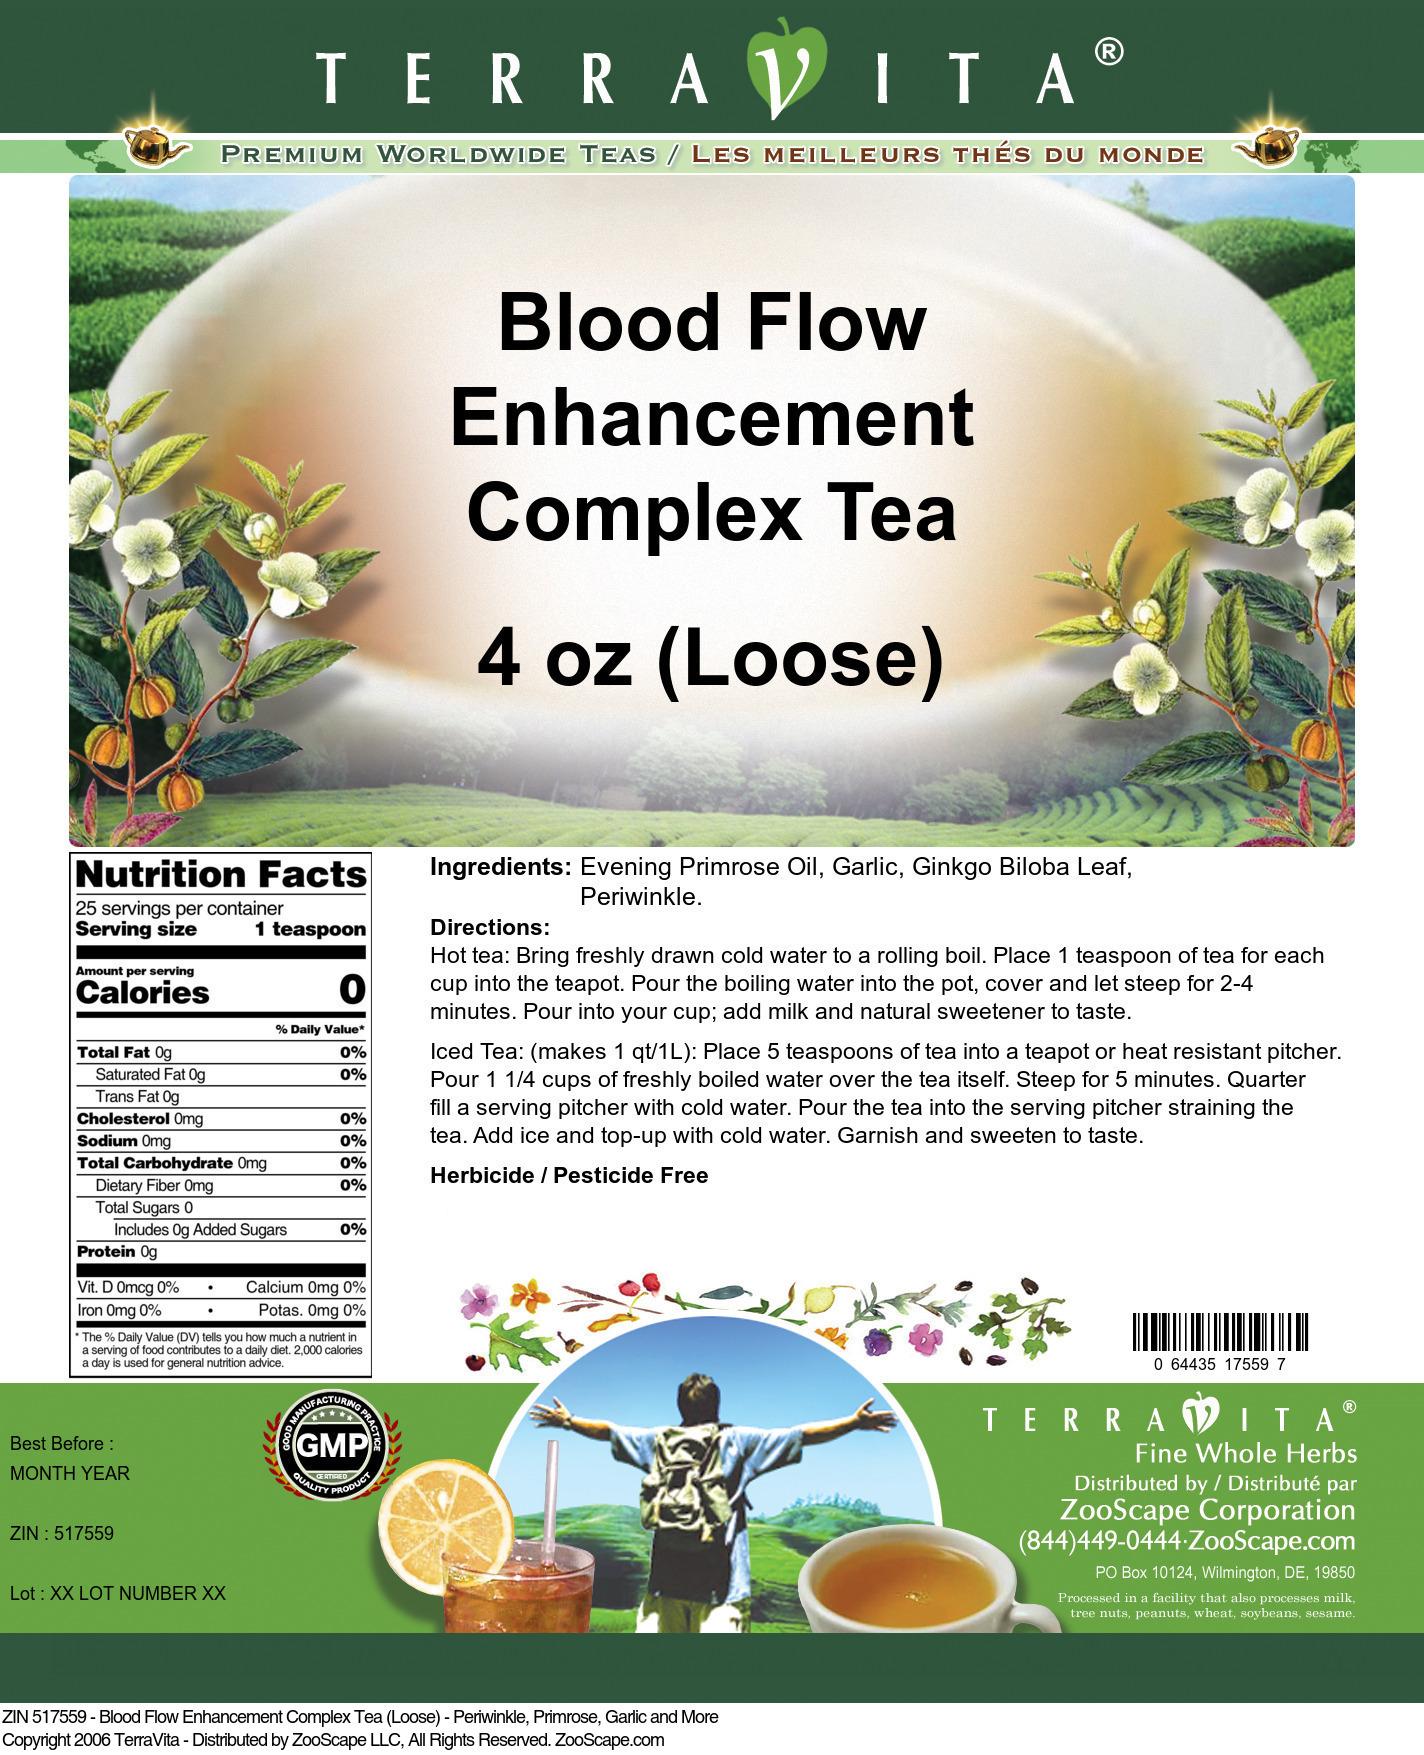 Blood Flow Enhancement Complex